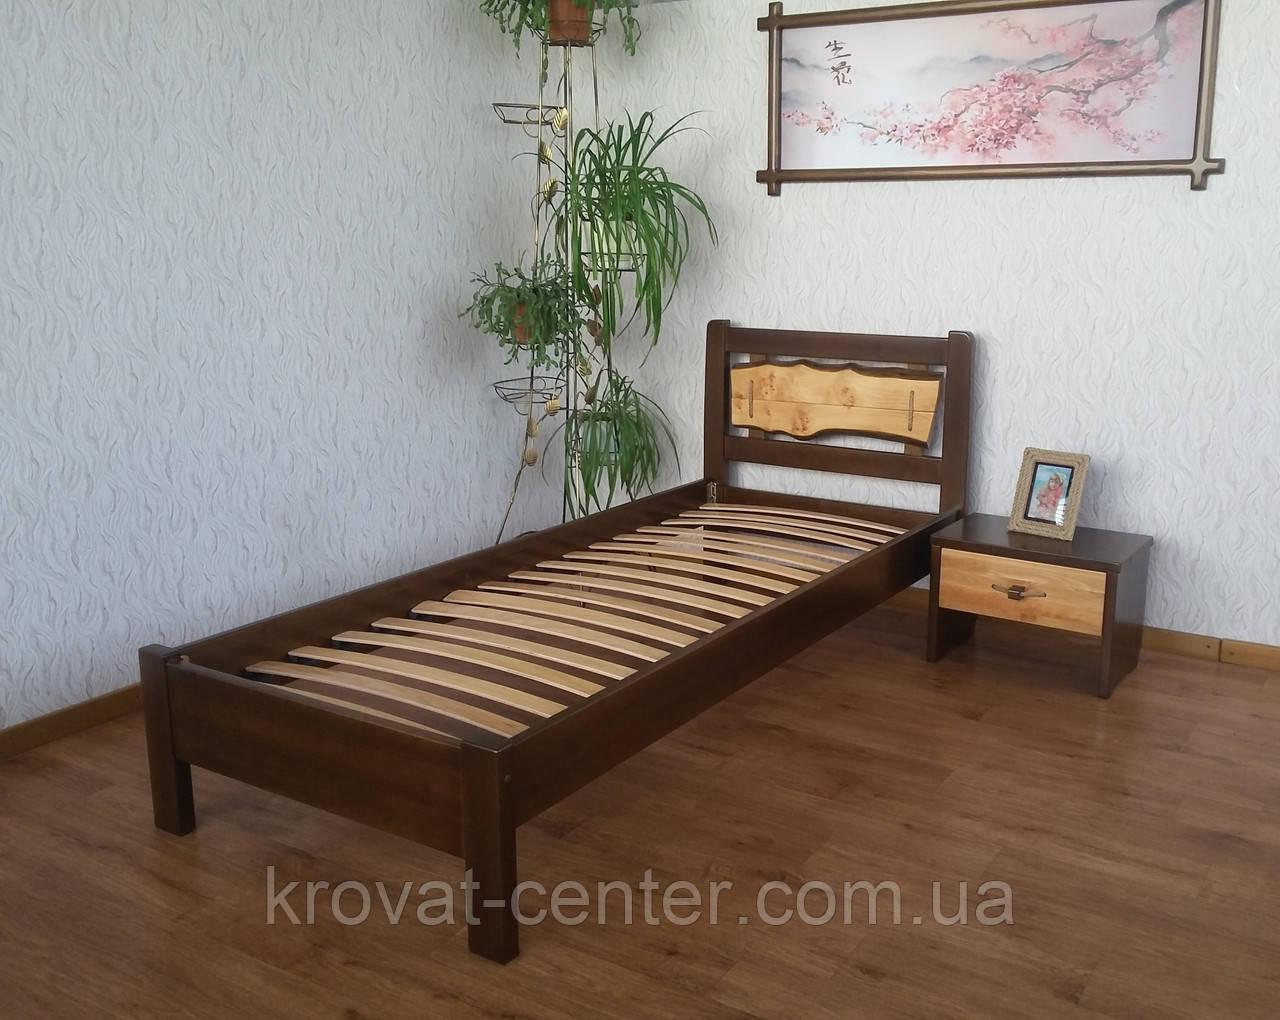 """Кровать """"Магия Дерева - 2"""" с элементами декора"""